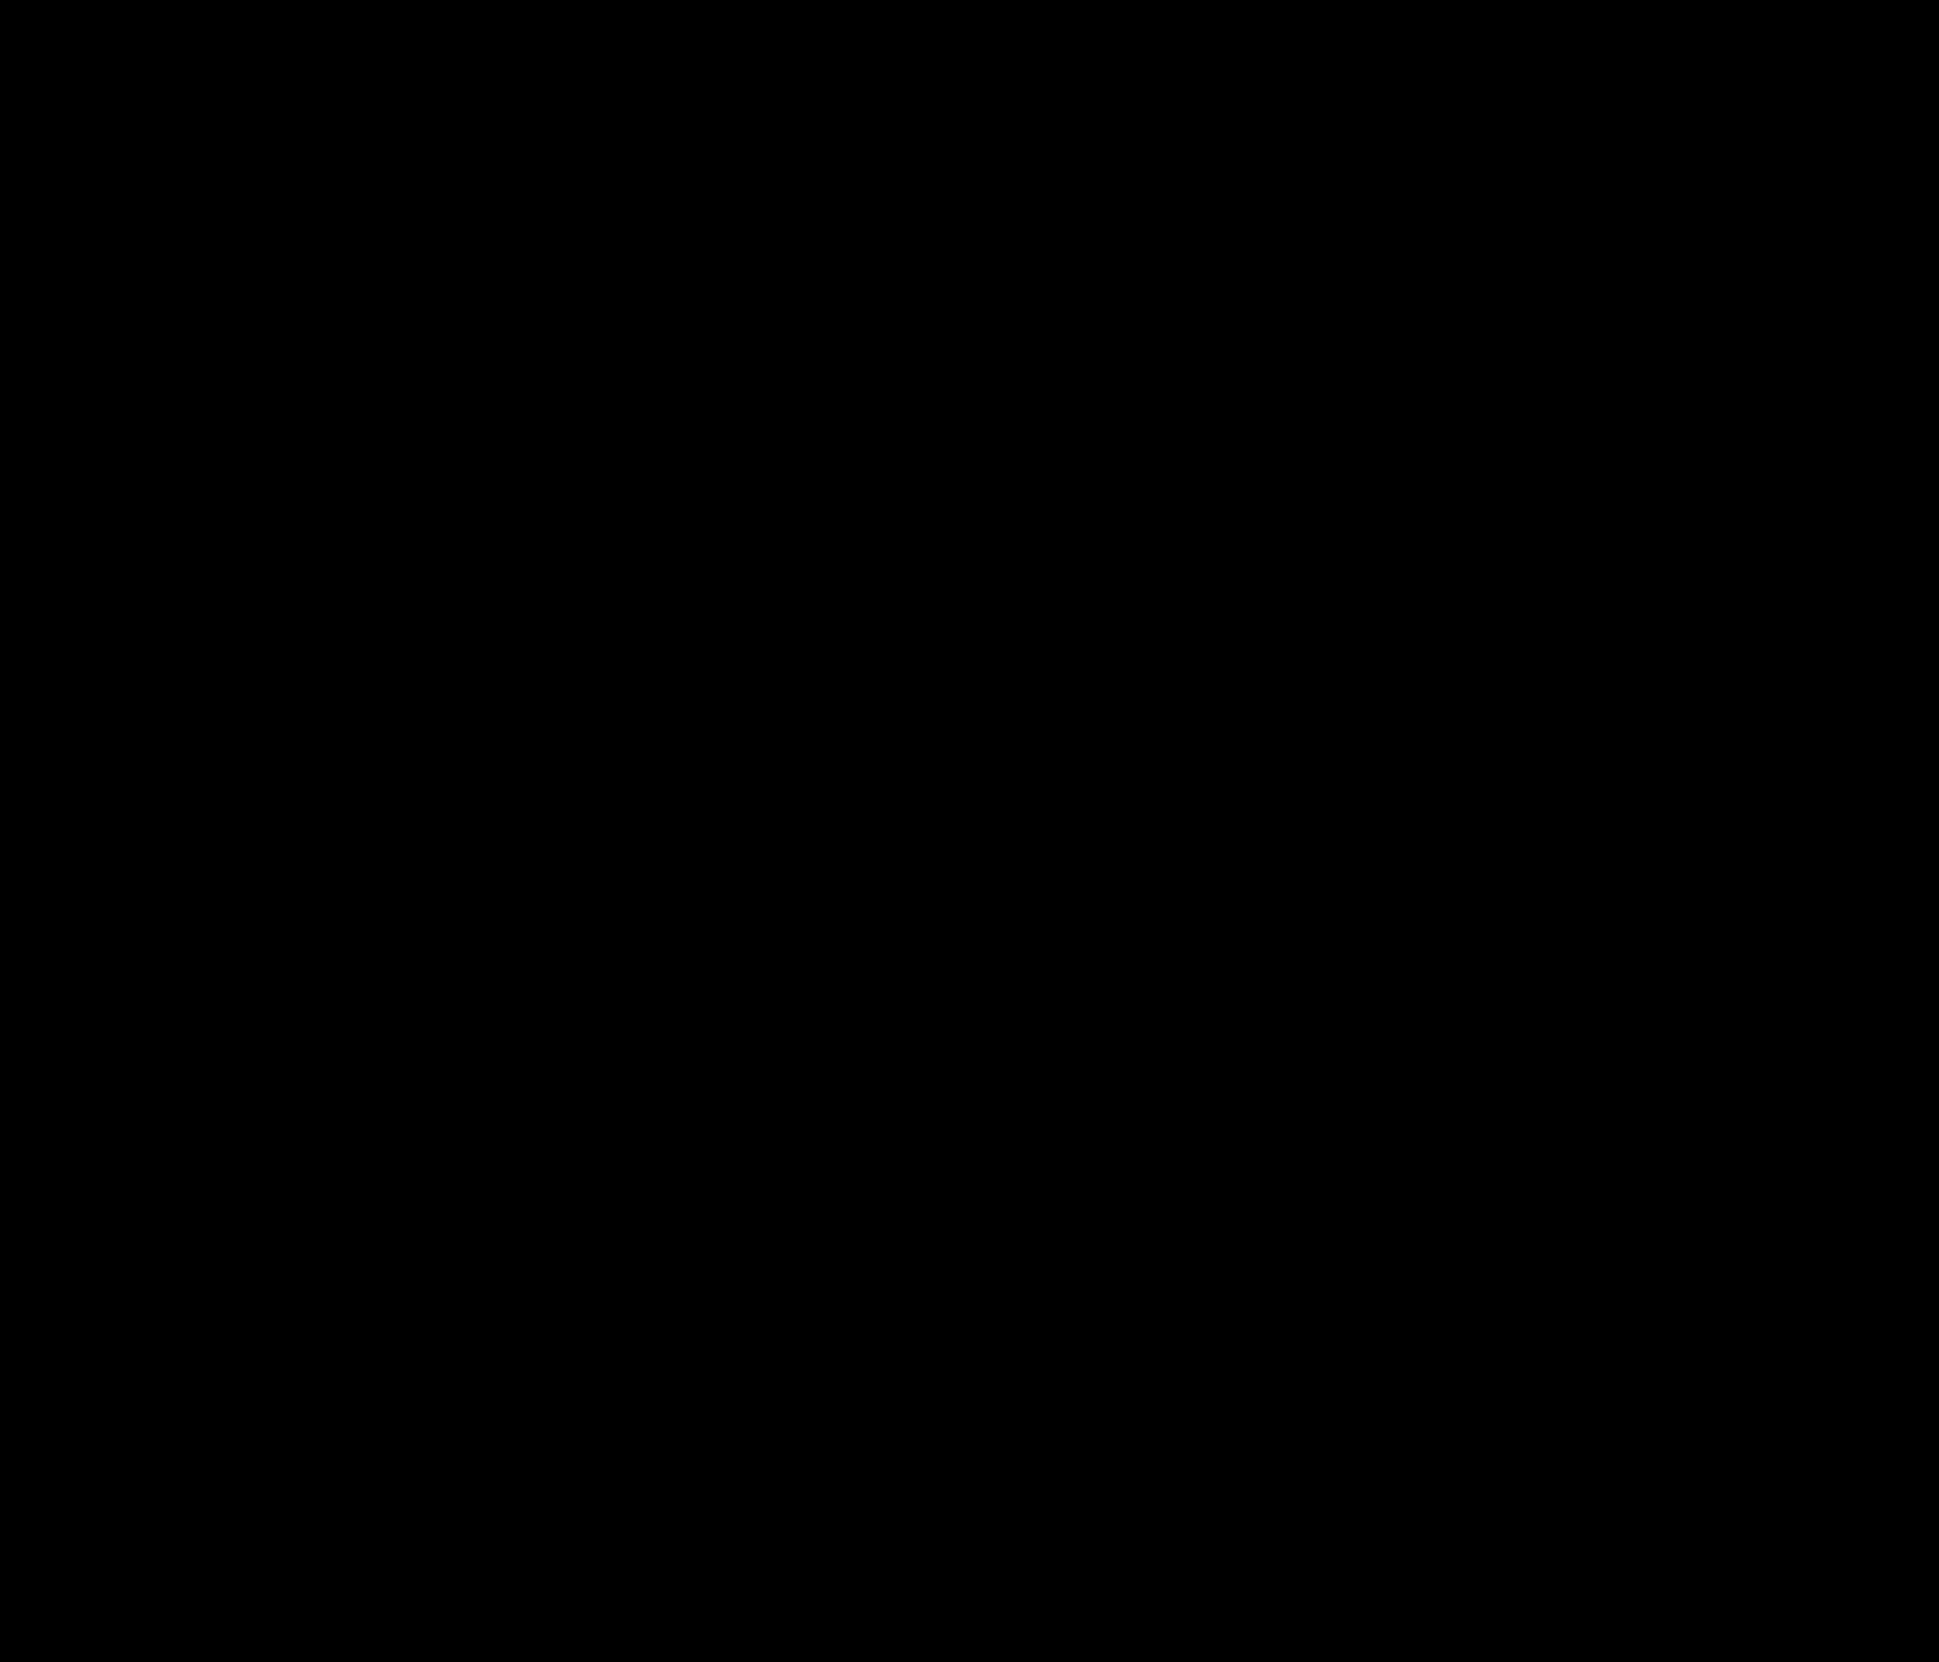 Icon (2000x2000)